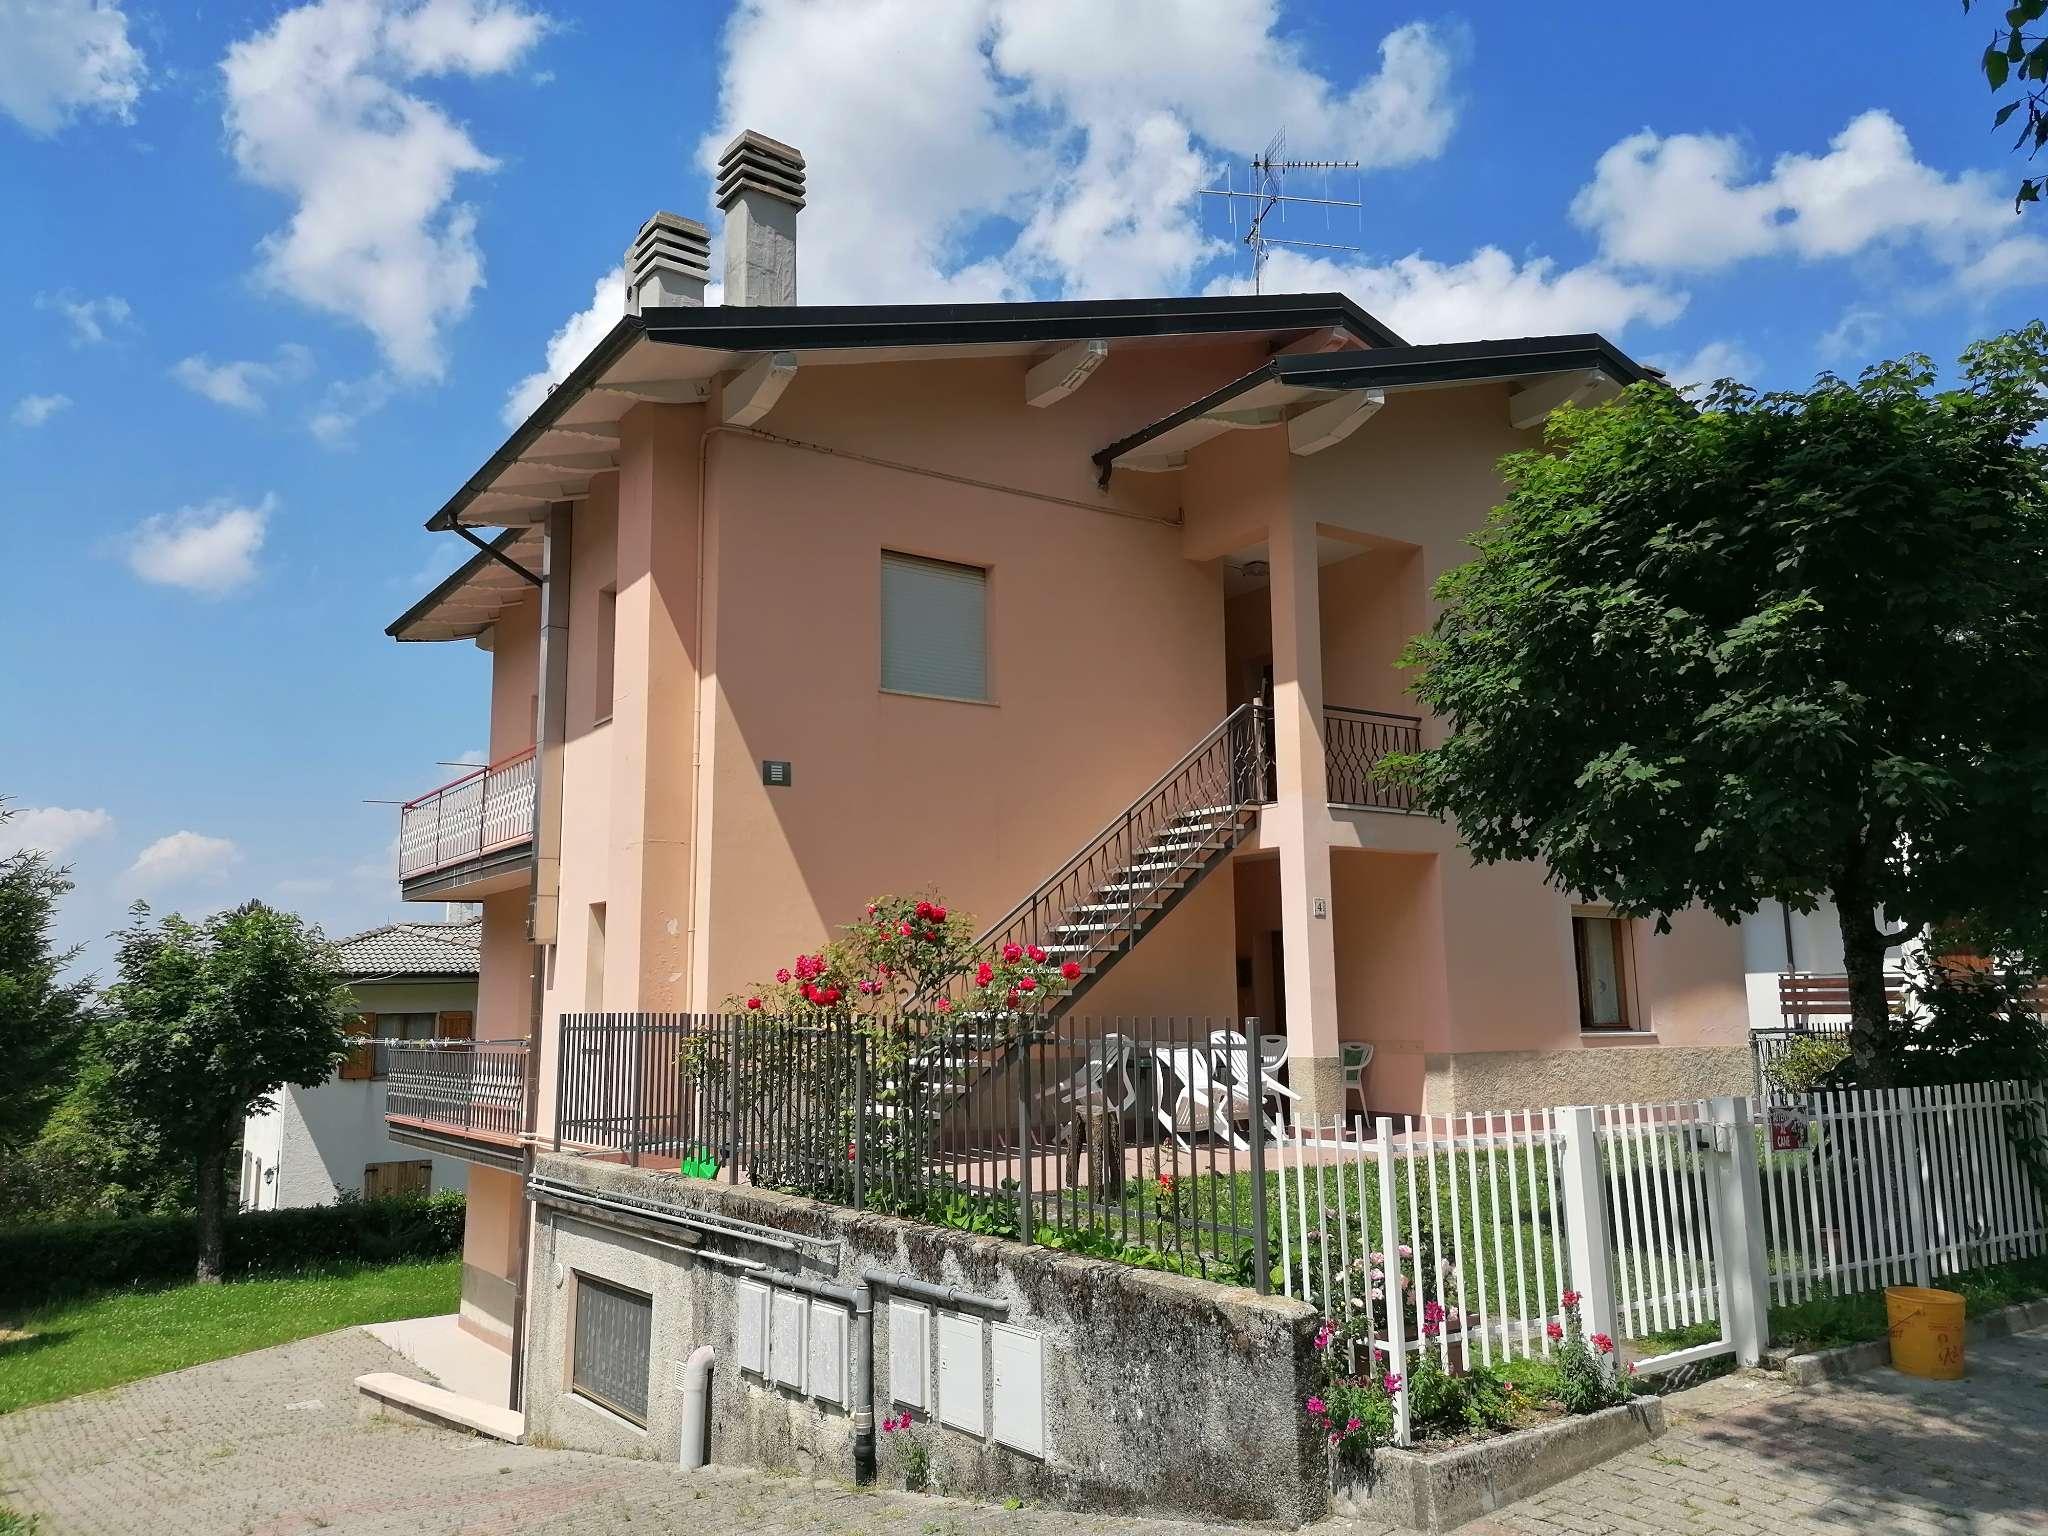 Lizzano in Belvedere Vendita APPARTAMENTO Immagine 0